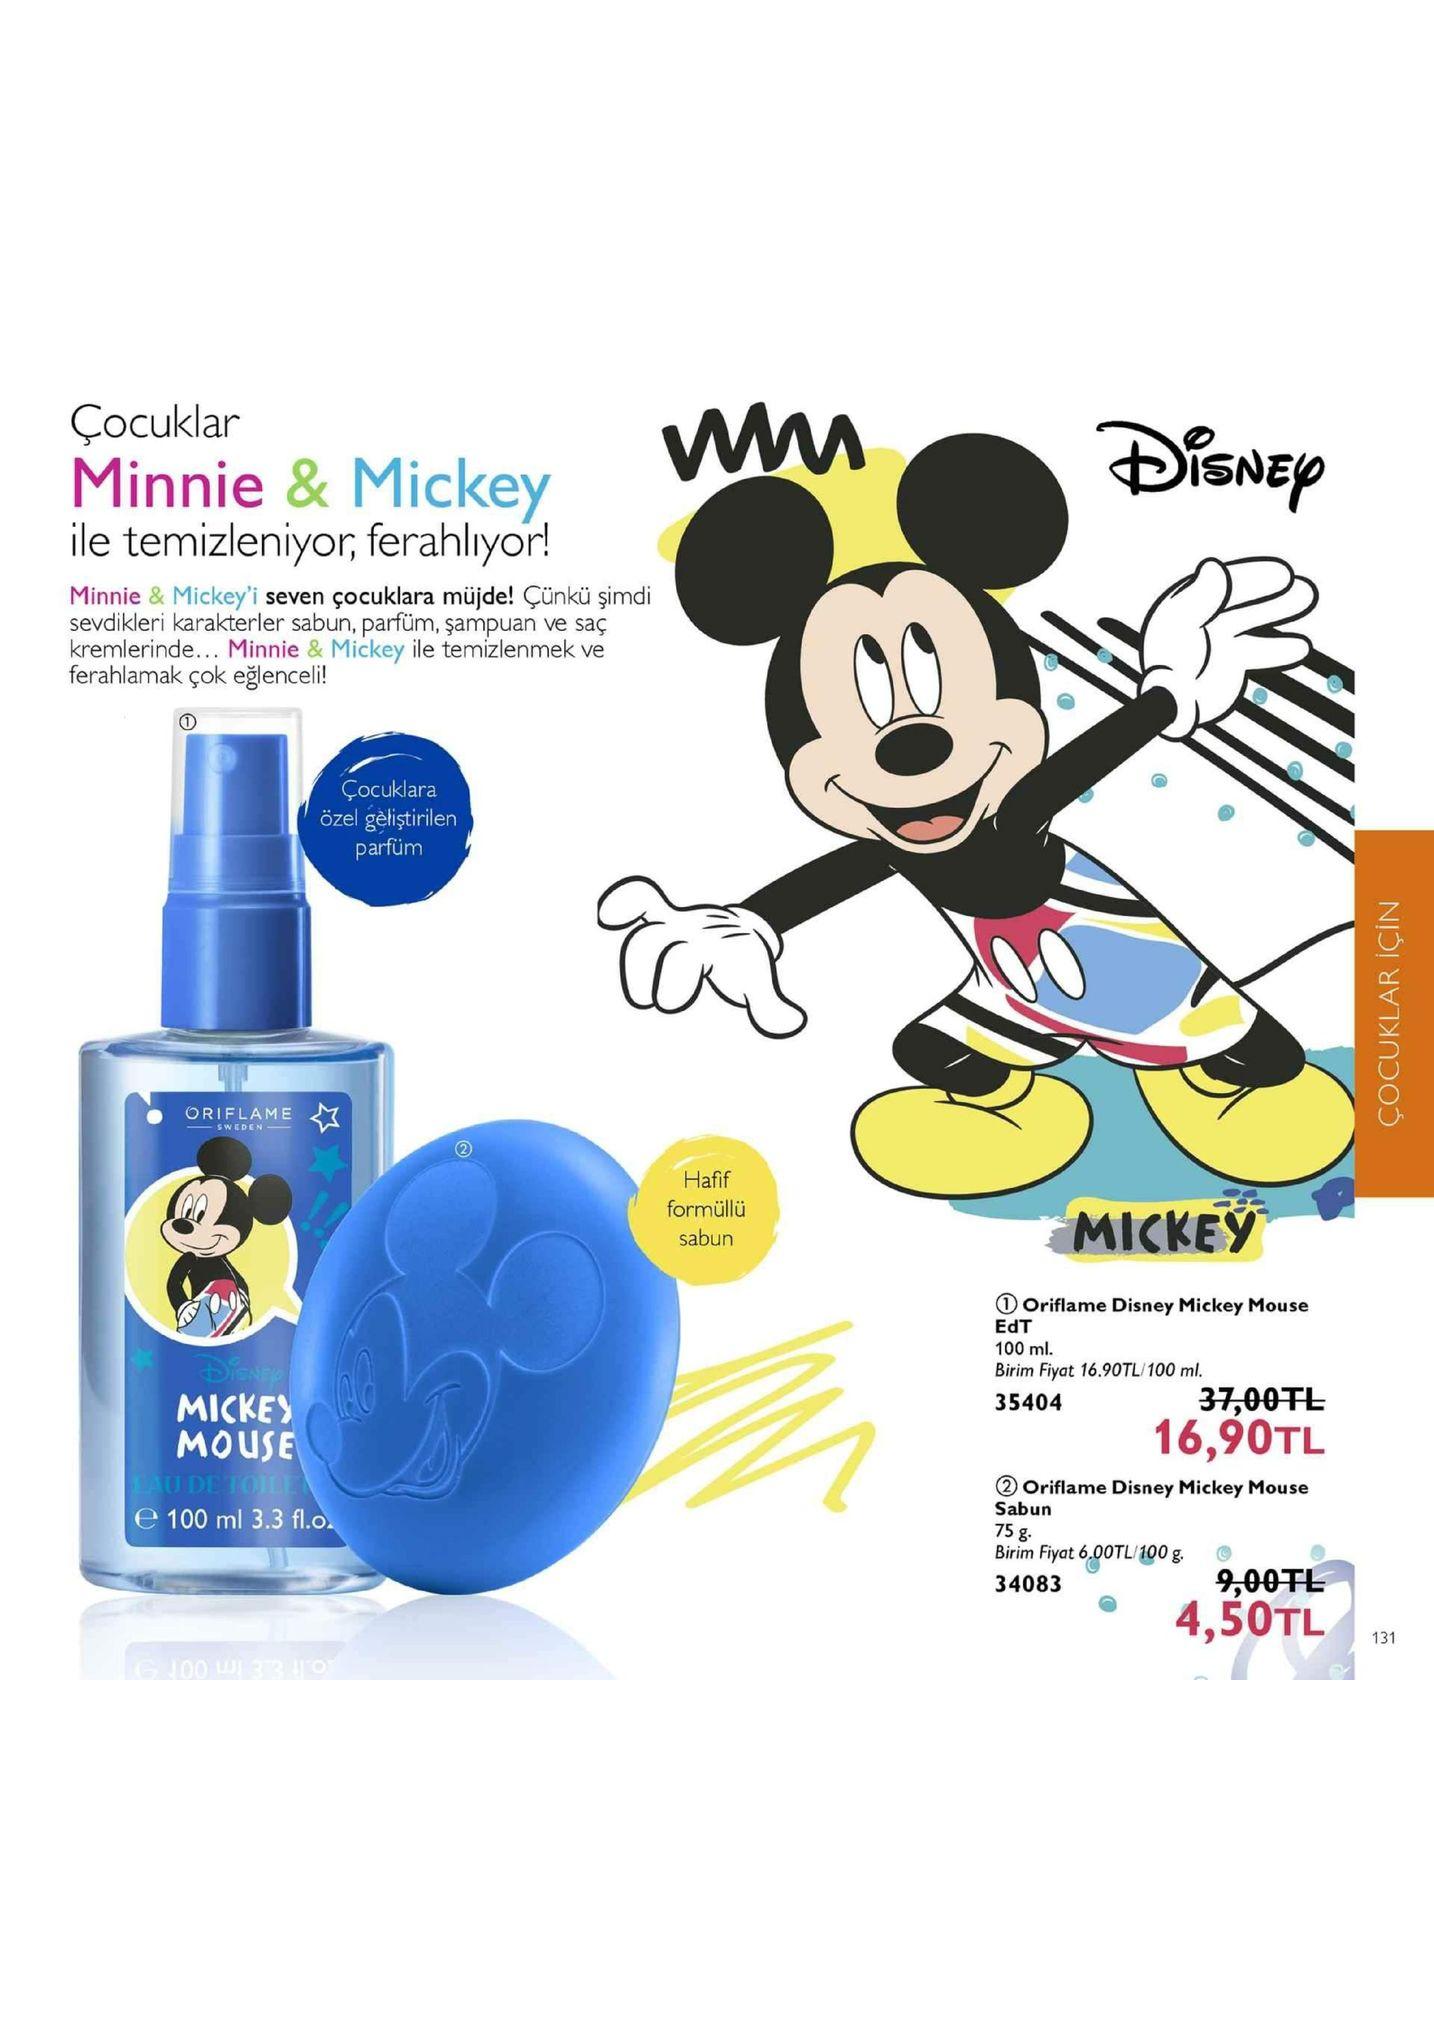 çocuklar minnie & mickey ile temizleniyor, ferahliyor isne minnie & mickey'i seven çocuklara müjde! çünkü şimdi sevdikleri karakterler sabun, parfüm, şampuan ve saç kremlerinde... minnie & mickey ile temizlenmek ve ferahlamak çok eğlenceli! çocuklara özel geliştirilen parfüm o oriflame sweden hafif formüllü sabun mickey toriflame disney mickey mouse edt 100 ml. birim fiyat 16.90tl/100 ml. 37,00tl 16,90tl 35404 micke mouse (2 oriflame disney mickey mouse sabun e 100 ml 3.3 fl.o birim fiyat 6,00tl/100g. 34083 9,00fl 4,50tl 131